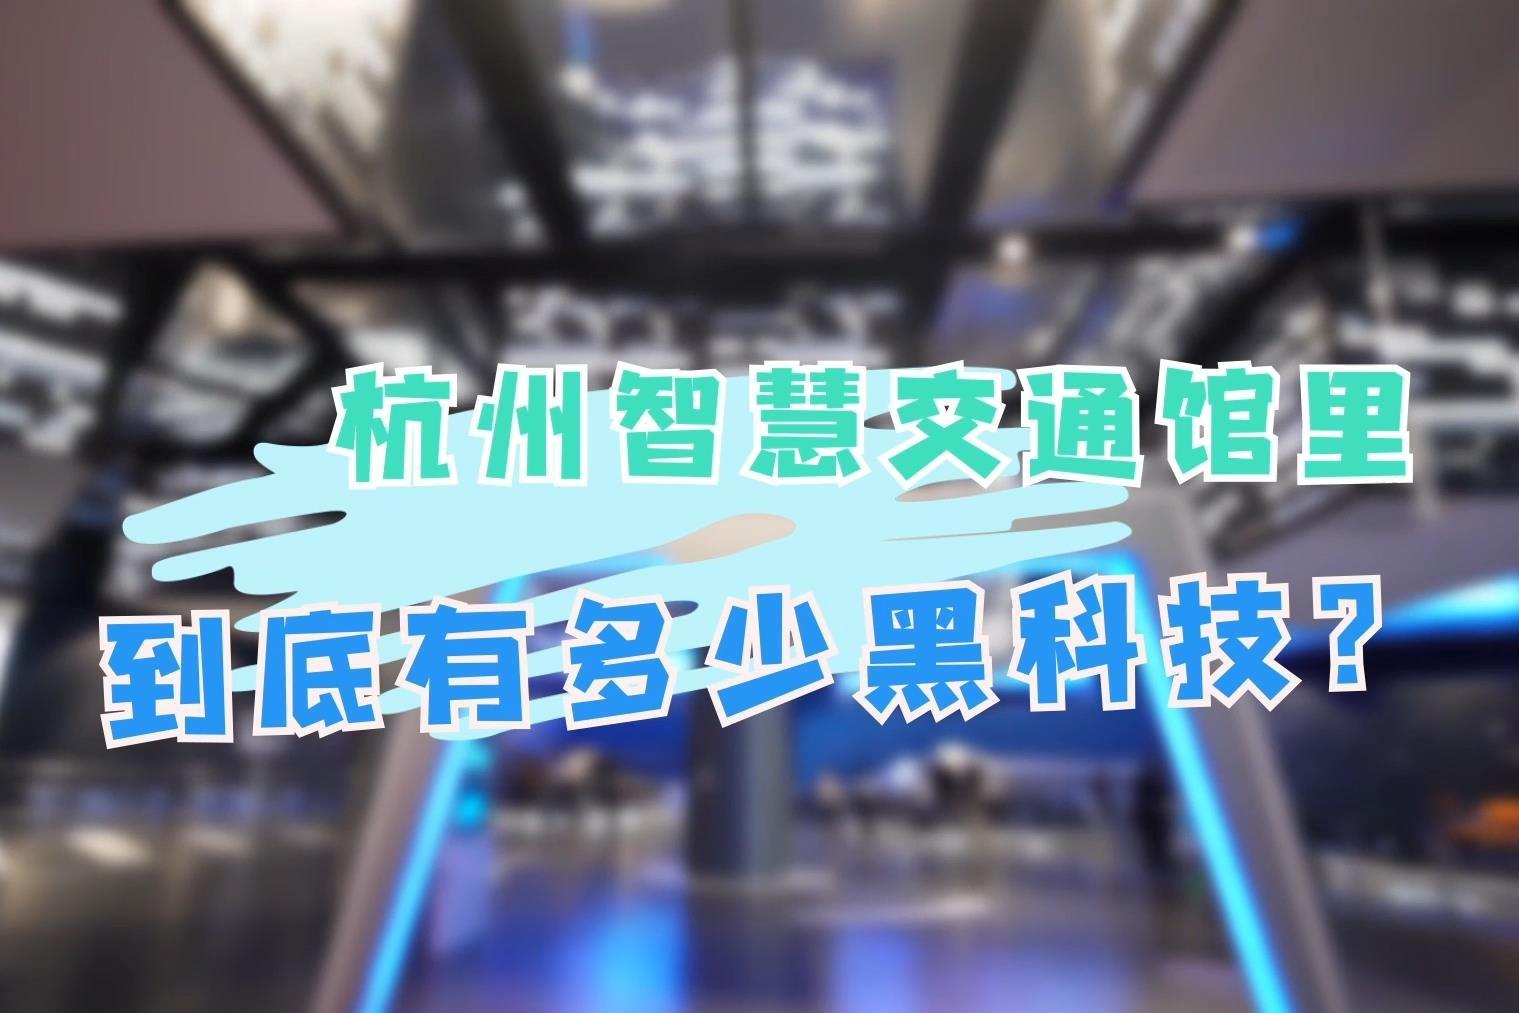 视频   杭州智慧交通馆里到底有多少黑科技?